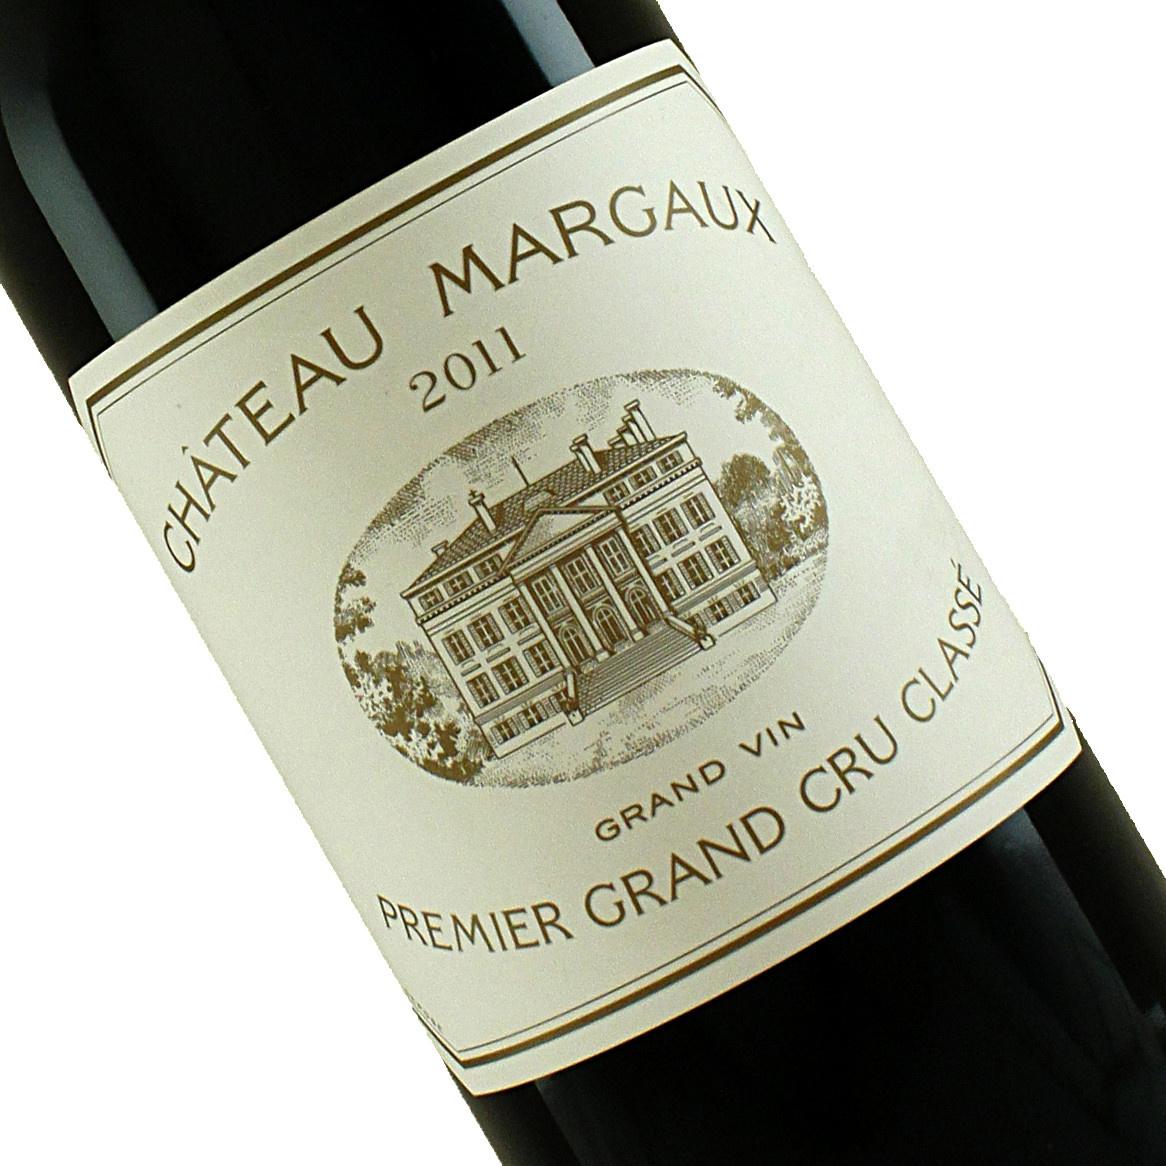 Chateau Margaux 2011 Margaux Premier Grand Cru, Bordeaux